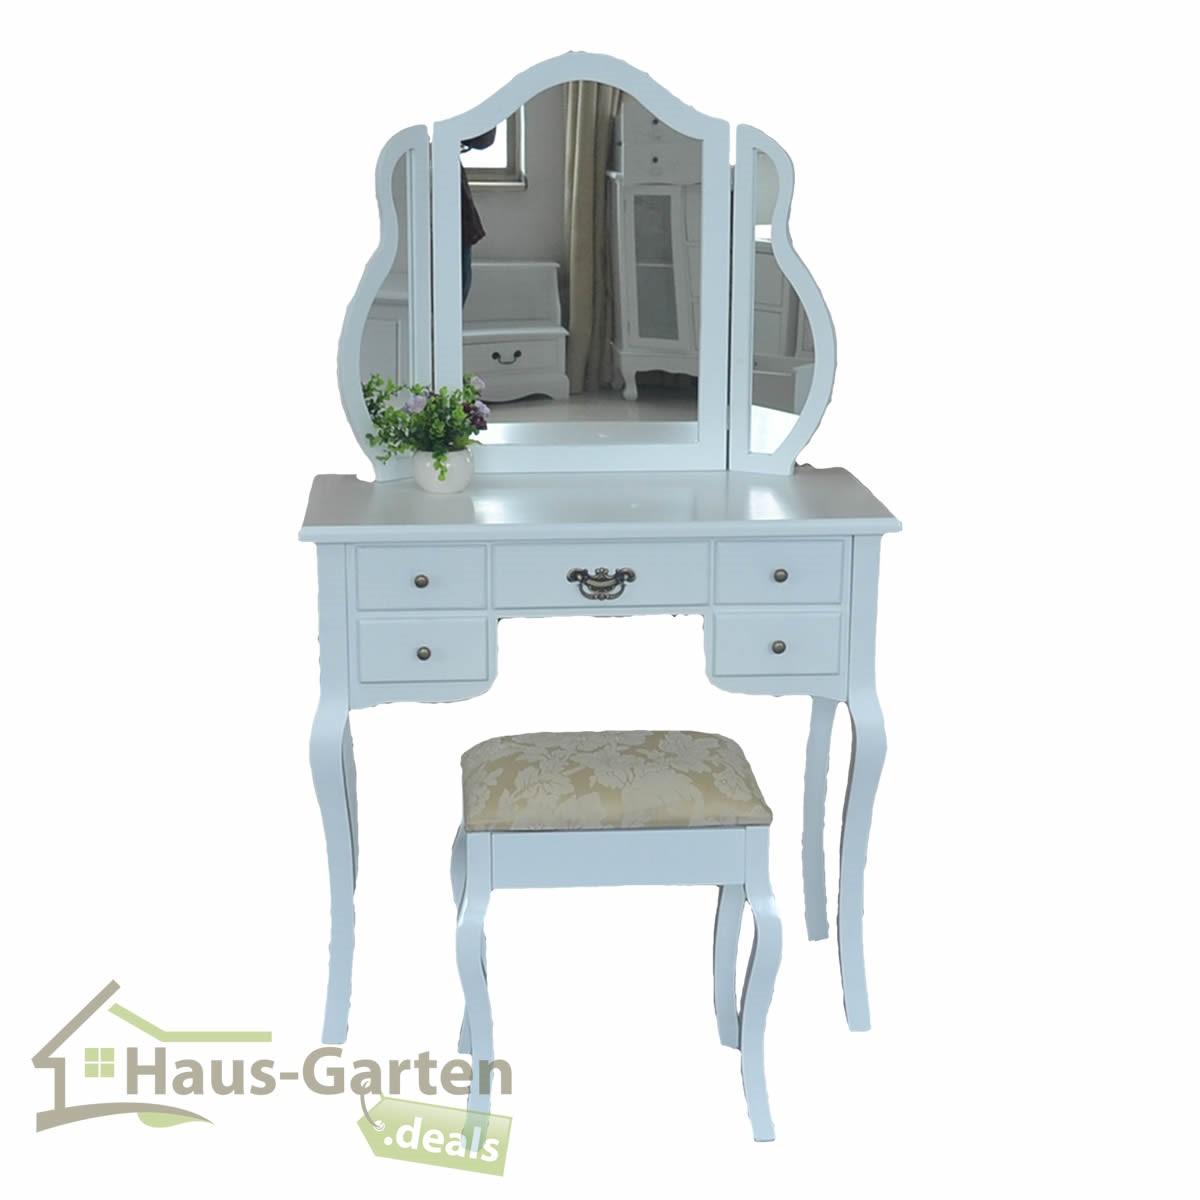 schminktisch spiegel hocker frisierkommode frisiertisch wei landhaus 2 modelle ebay. Black Bedroom Furniture Sets. Home Design Ideas